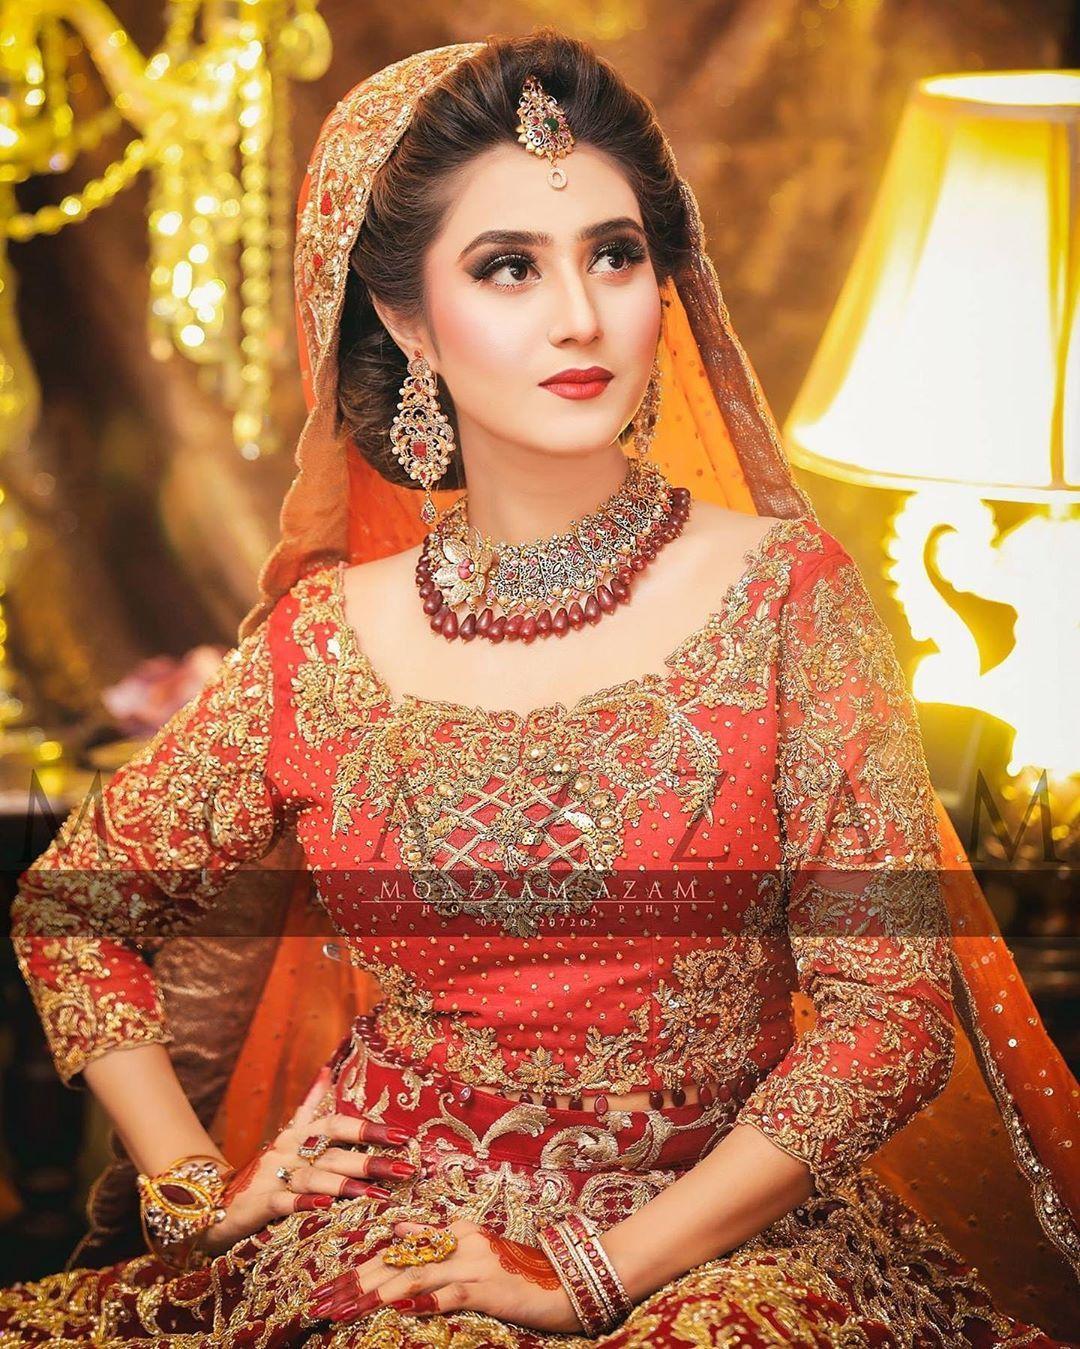 #dulhaanddulhaniya #pakistanidress #pakistaniwedding #pakistanifashion #beautiful #followme #instalike #follow #picoftheday #bridaldress #couple #couplegoals #style #dulha #dulhan #bride #groom #wedding #photography #art #party #fashion #weddingblogger #instawedding #relationship #shadi #family #weddingidea #weddingday #l4l #bridalportraitposes